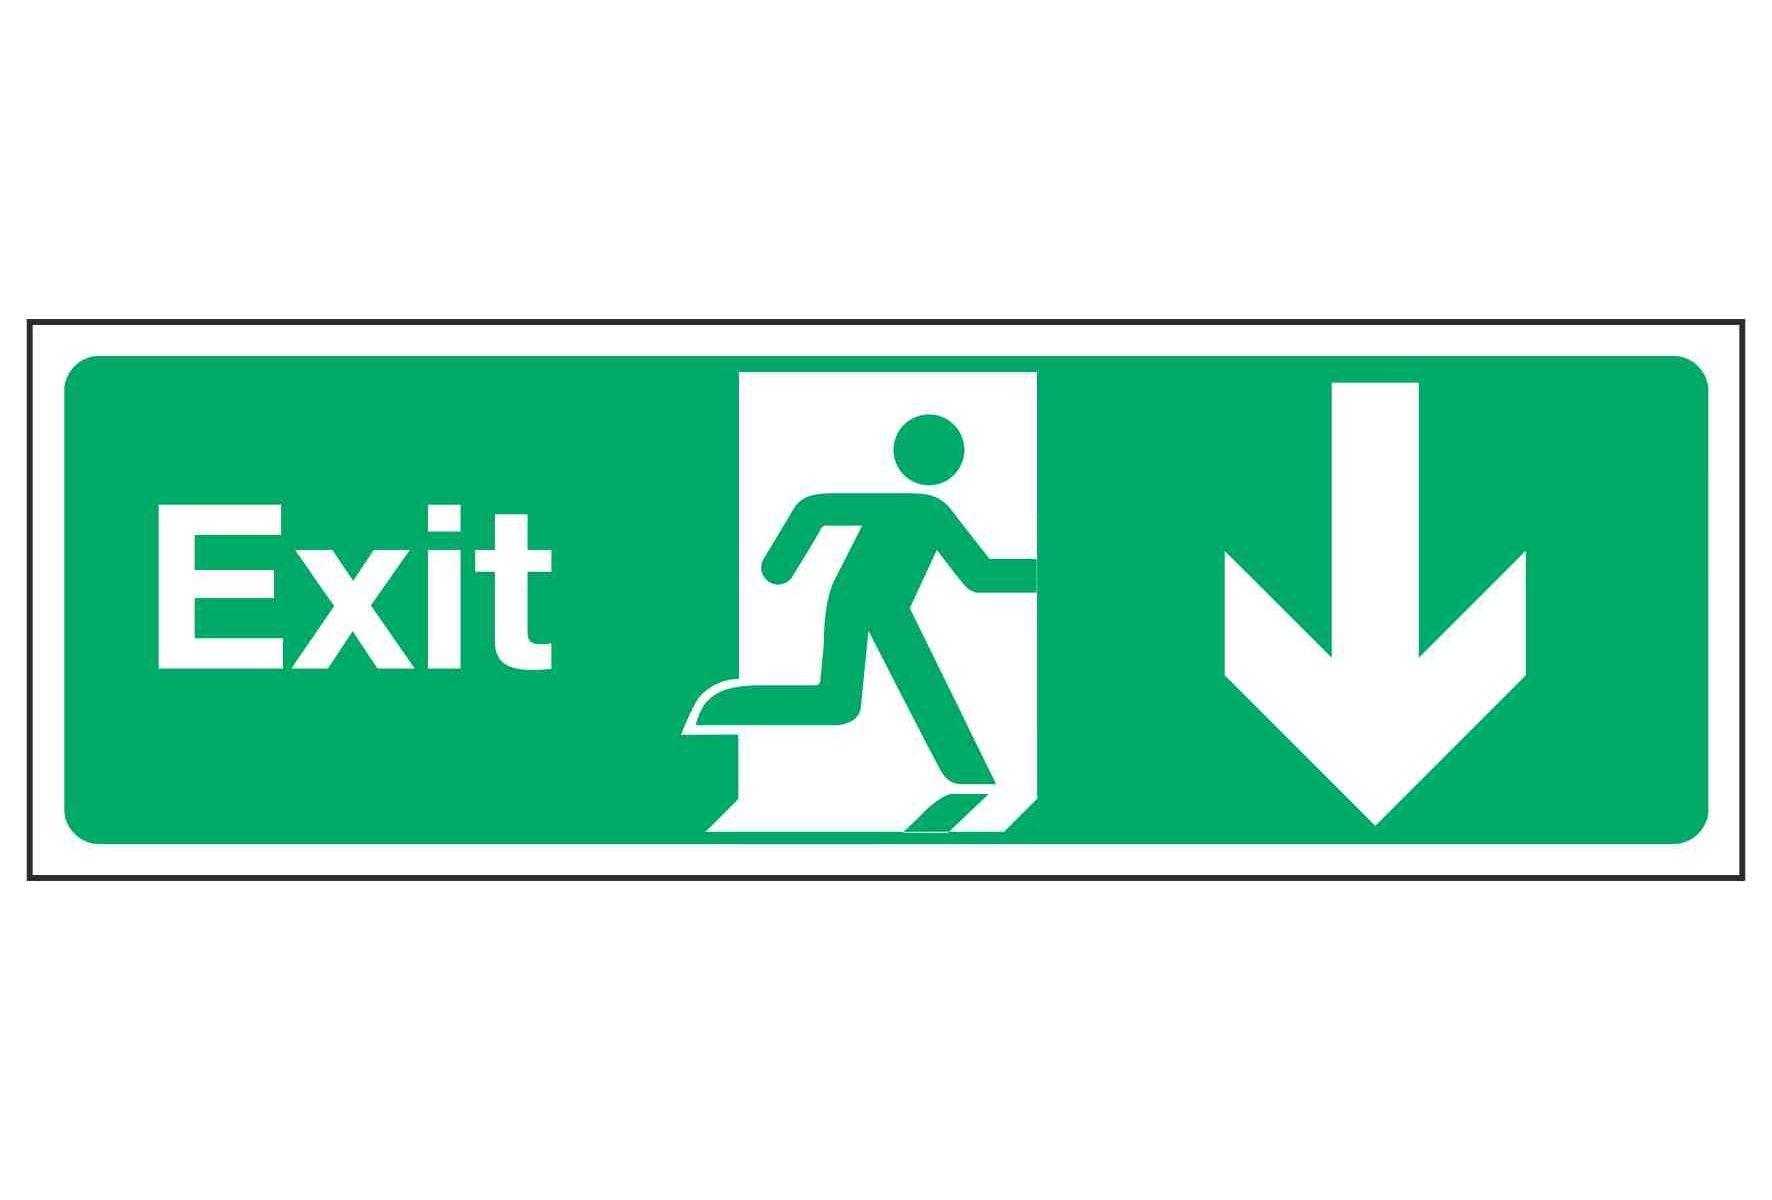 Exit / Arrow Down